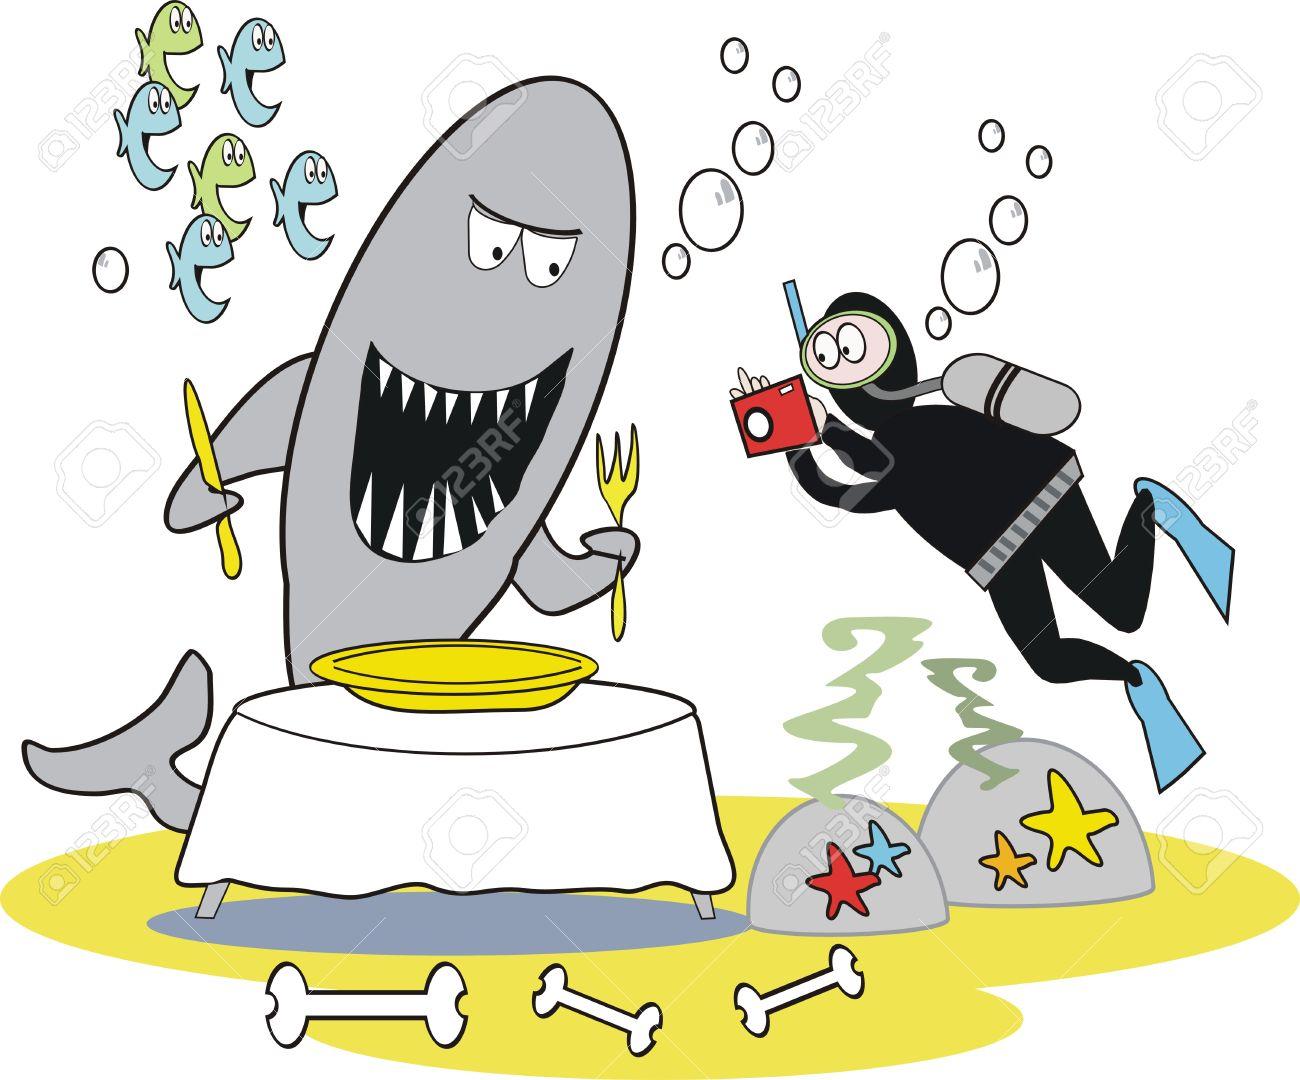 Image result for fierce shark cartoon